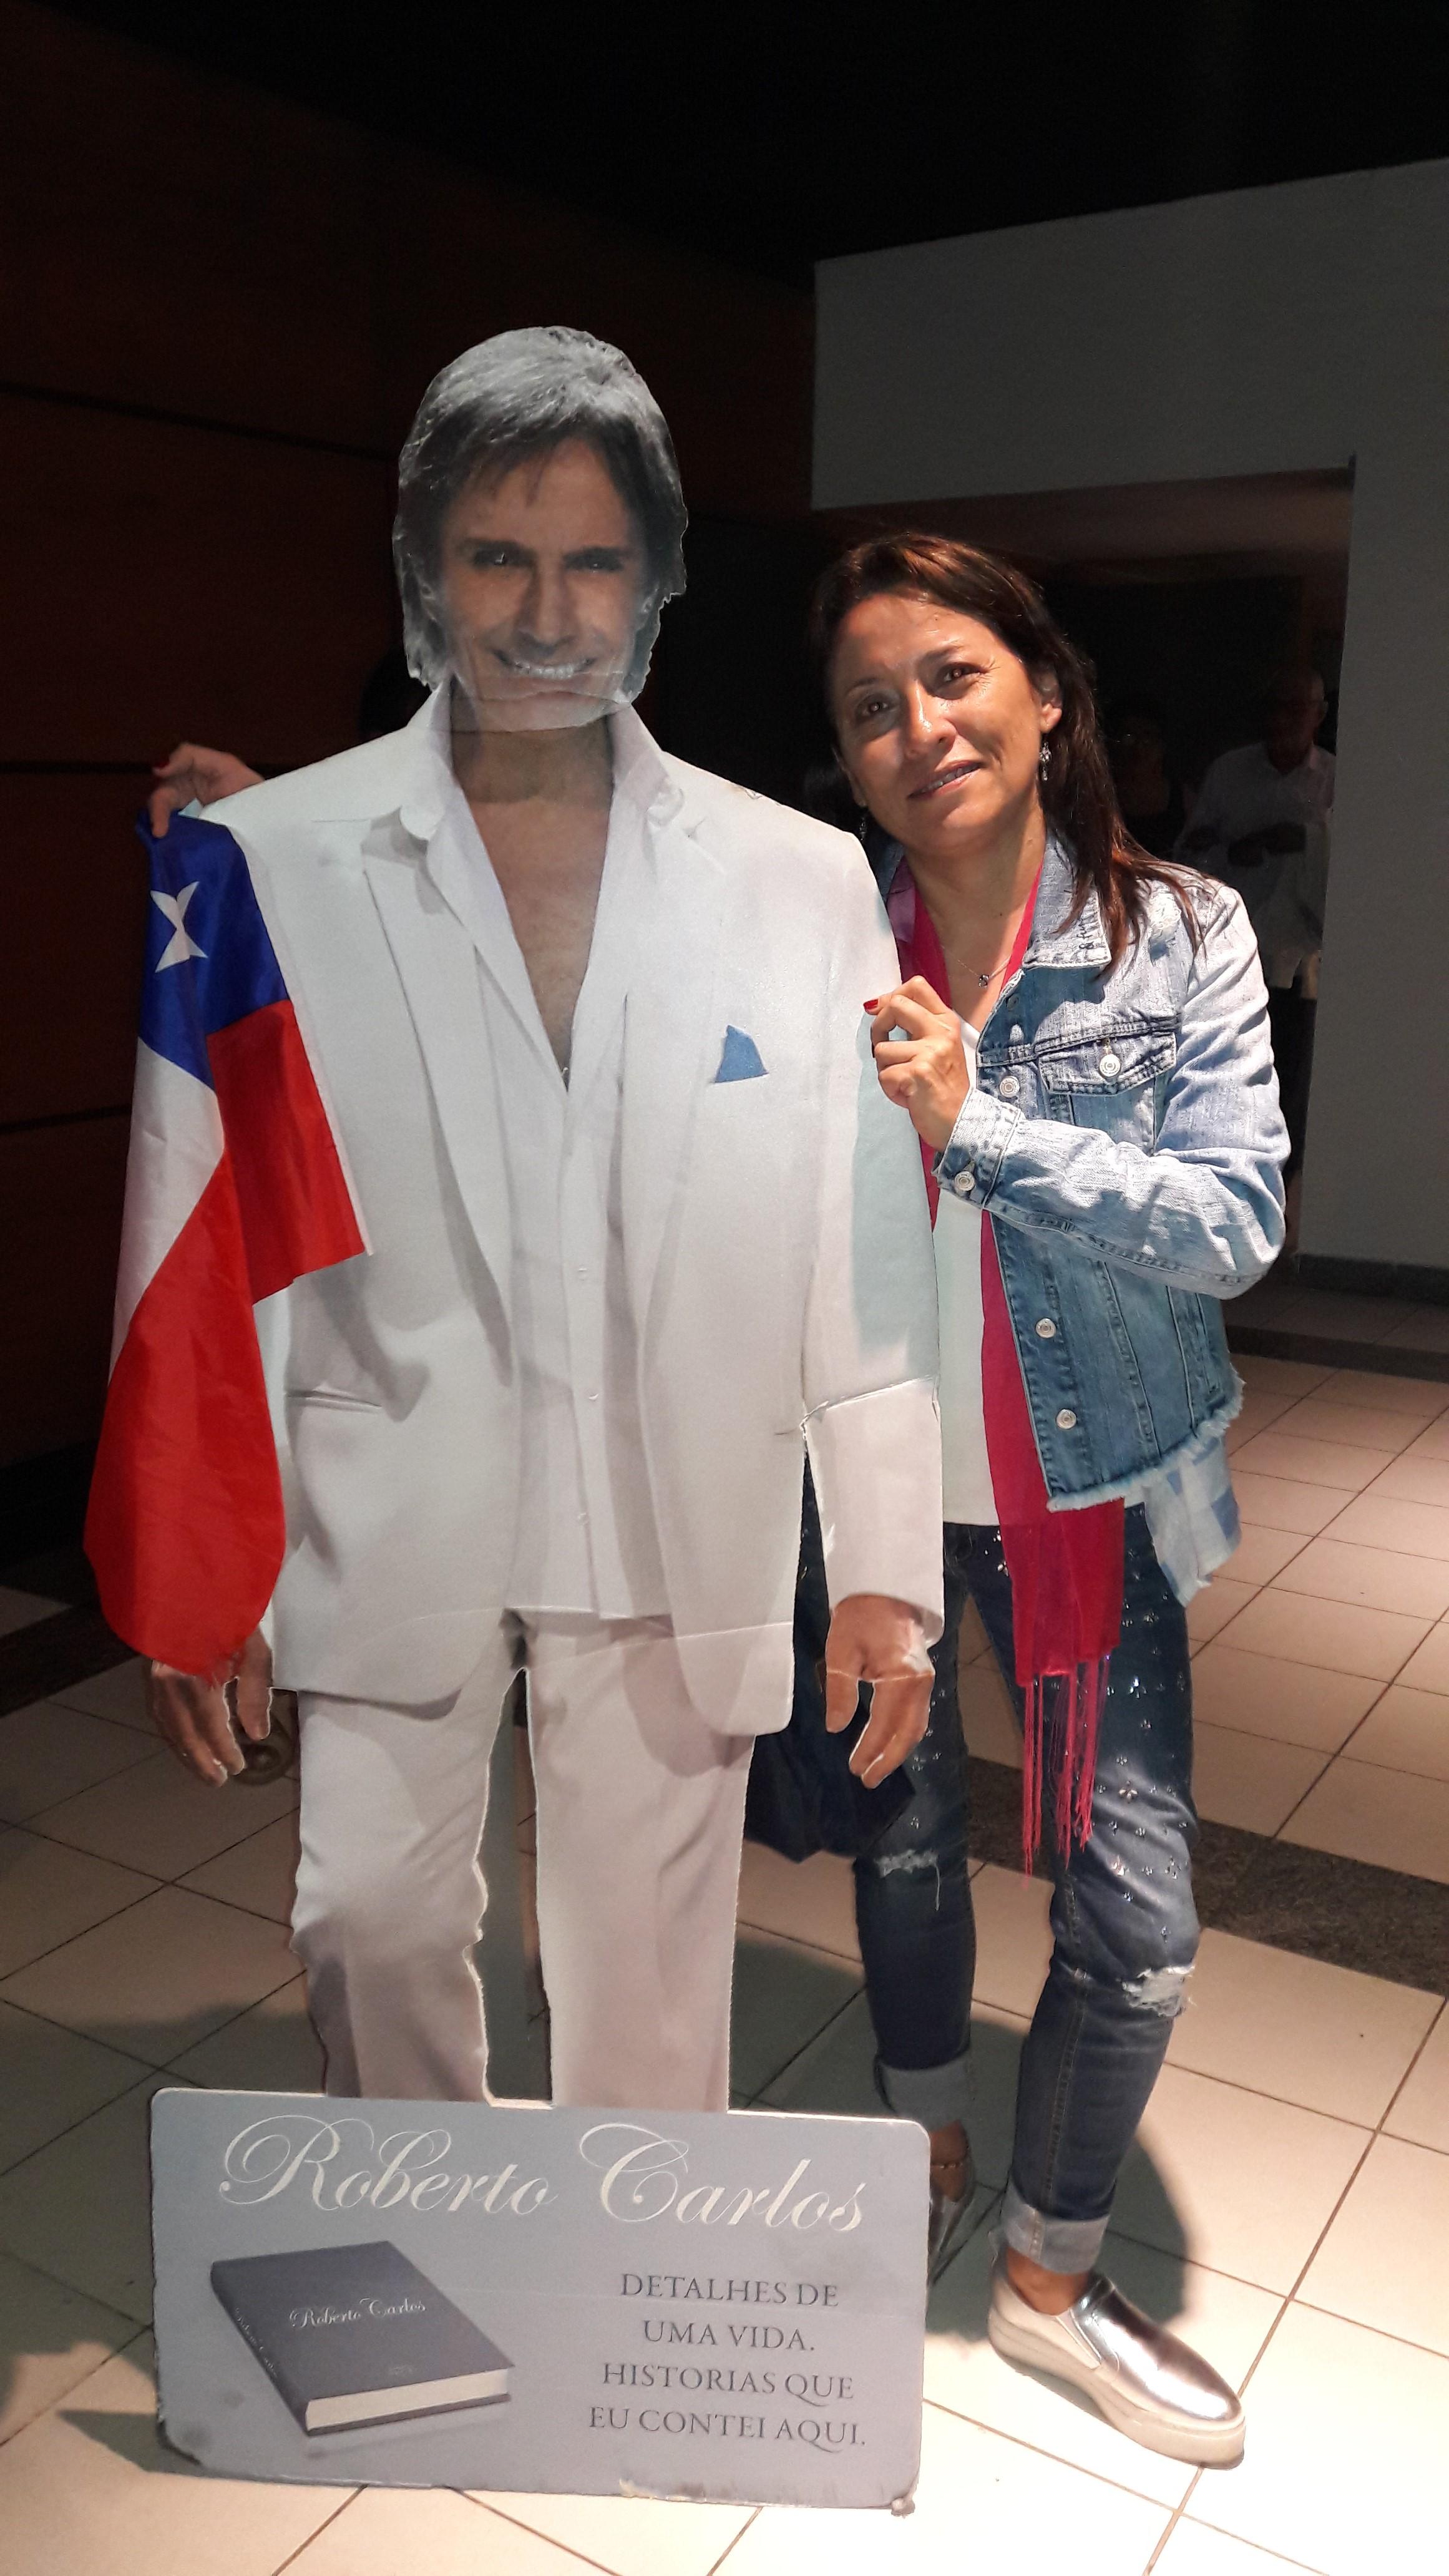 Silvana Alejandra Gonzalez Mesina - Viajei de Chile para ouvir pela 1a vez em portugue